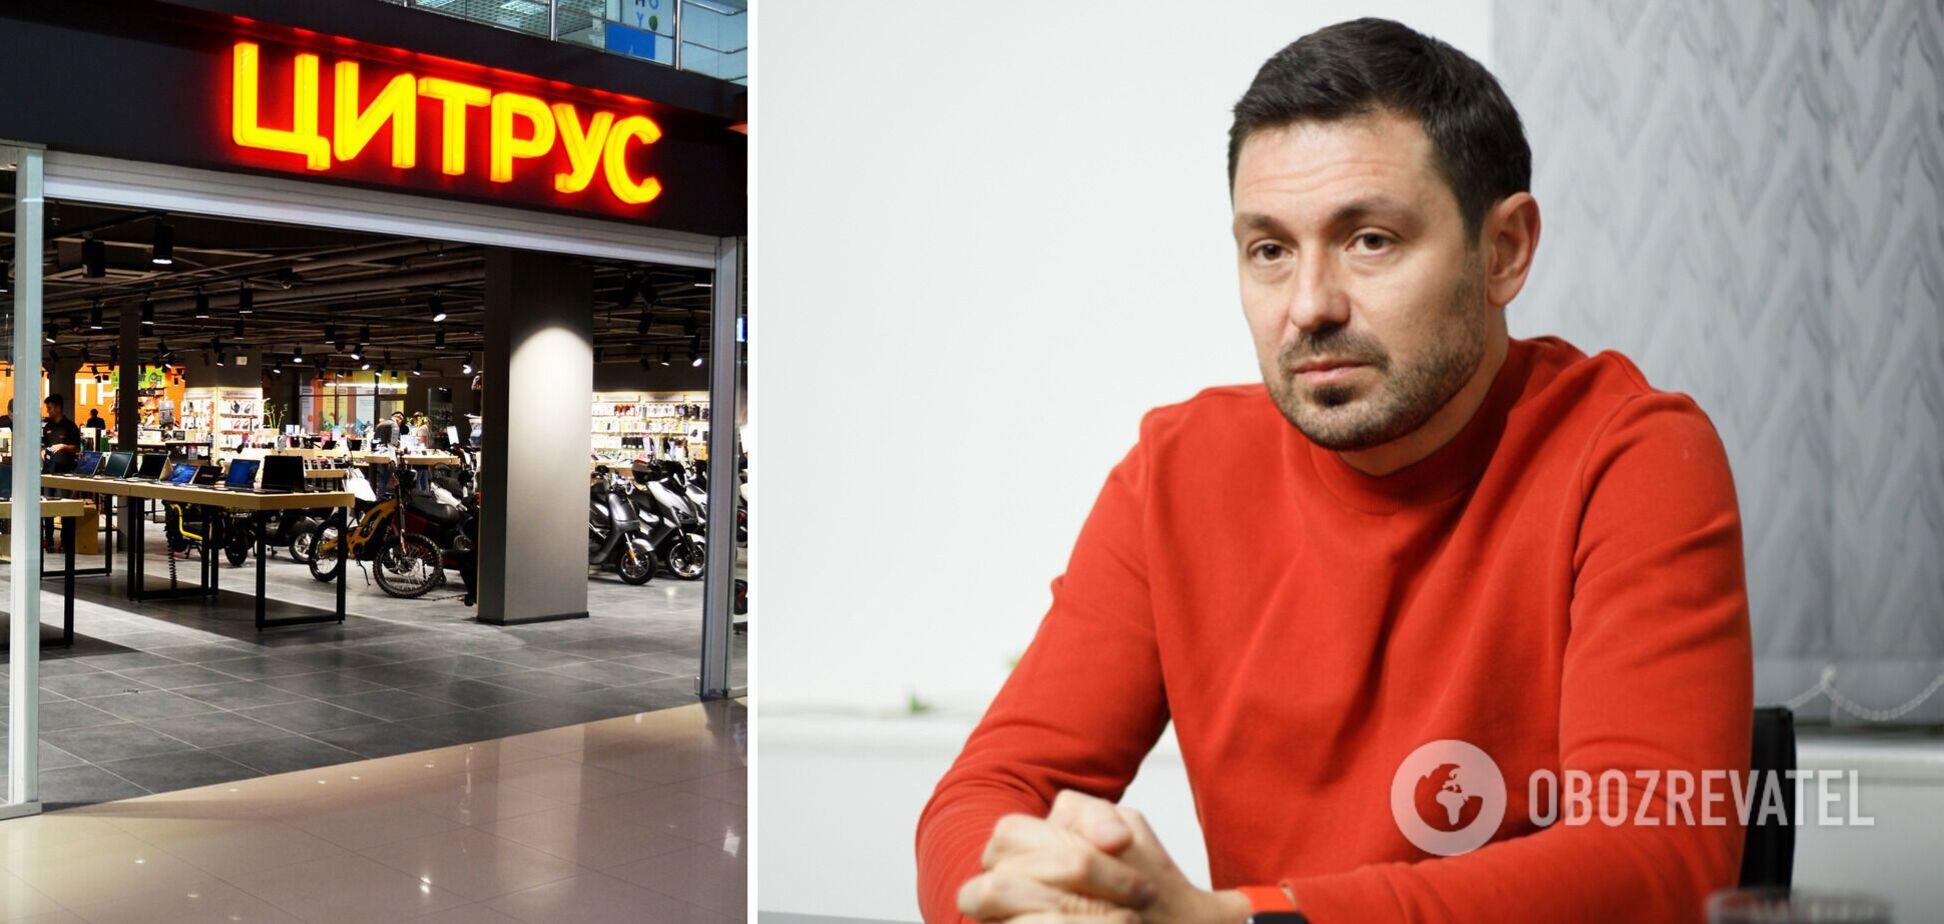 Бывший совладелец 'Цитруса' Зинченко рассказал о корпоративном конфликте